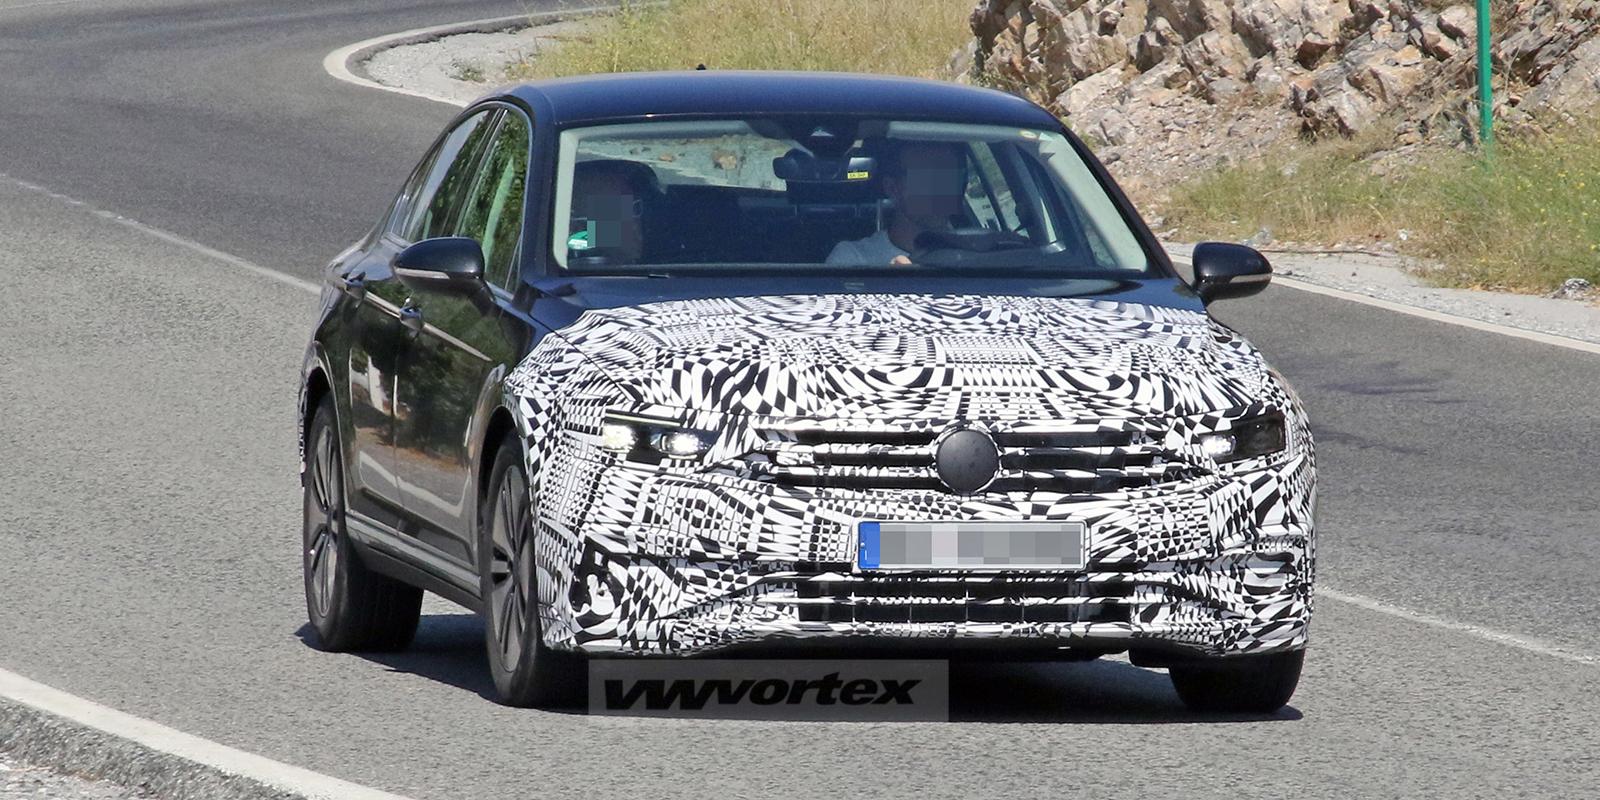 Audi Rs 5 El Camino X Tomi Design Explores Bizarre Self